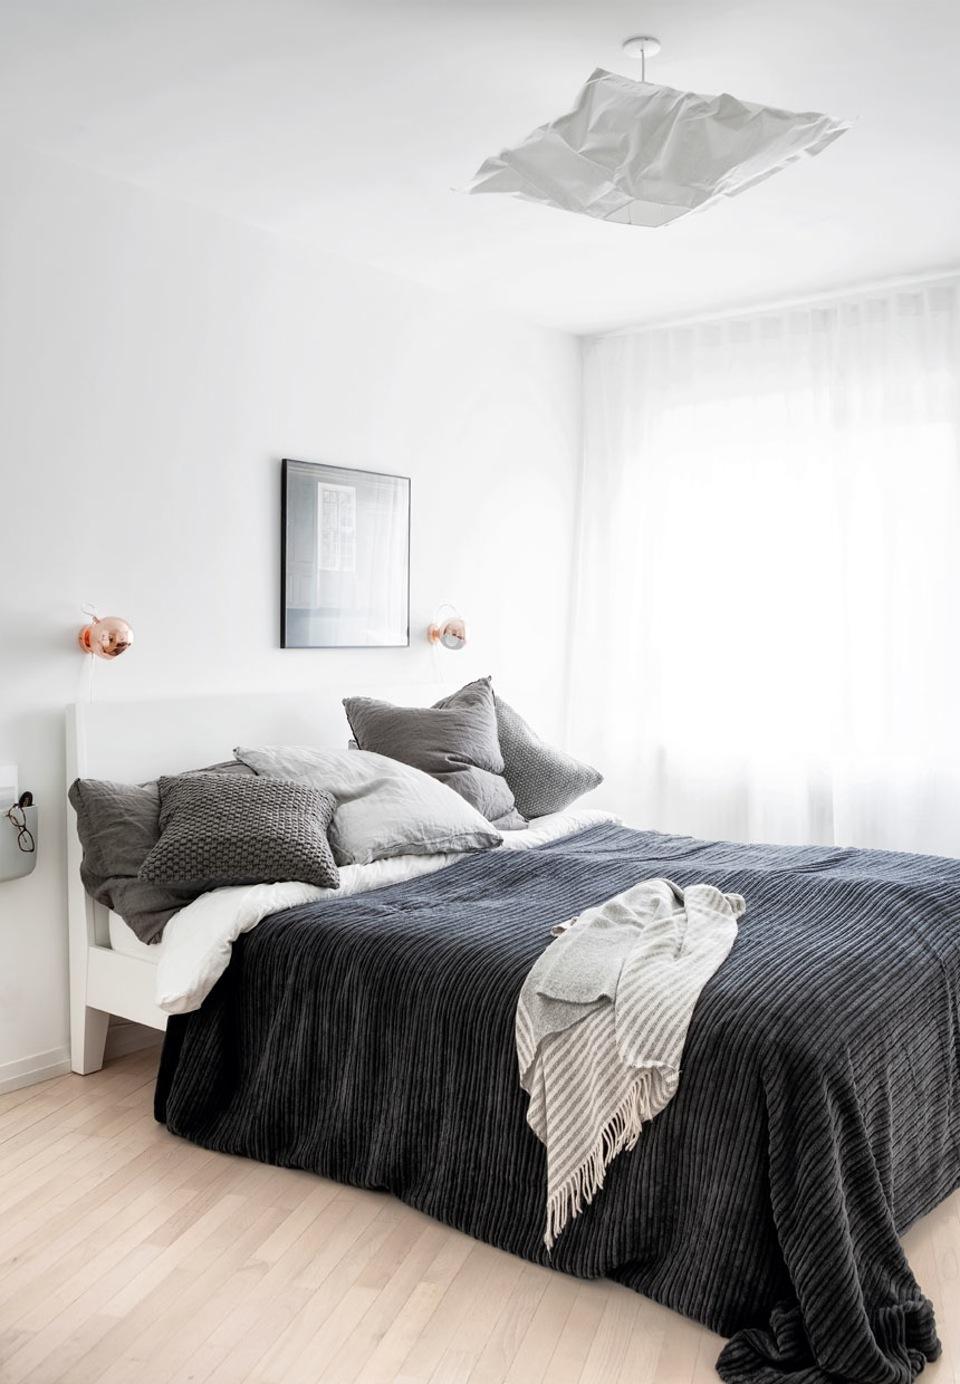 sovevaerelse-puder-tekstil-johanne-nygaard-dueholm-lejlighed-aalborg-nfpr4cmod-b7ysrjzyvw-g